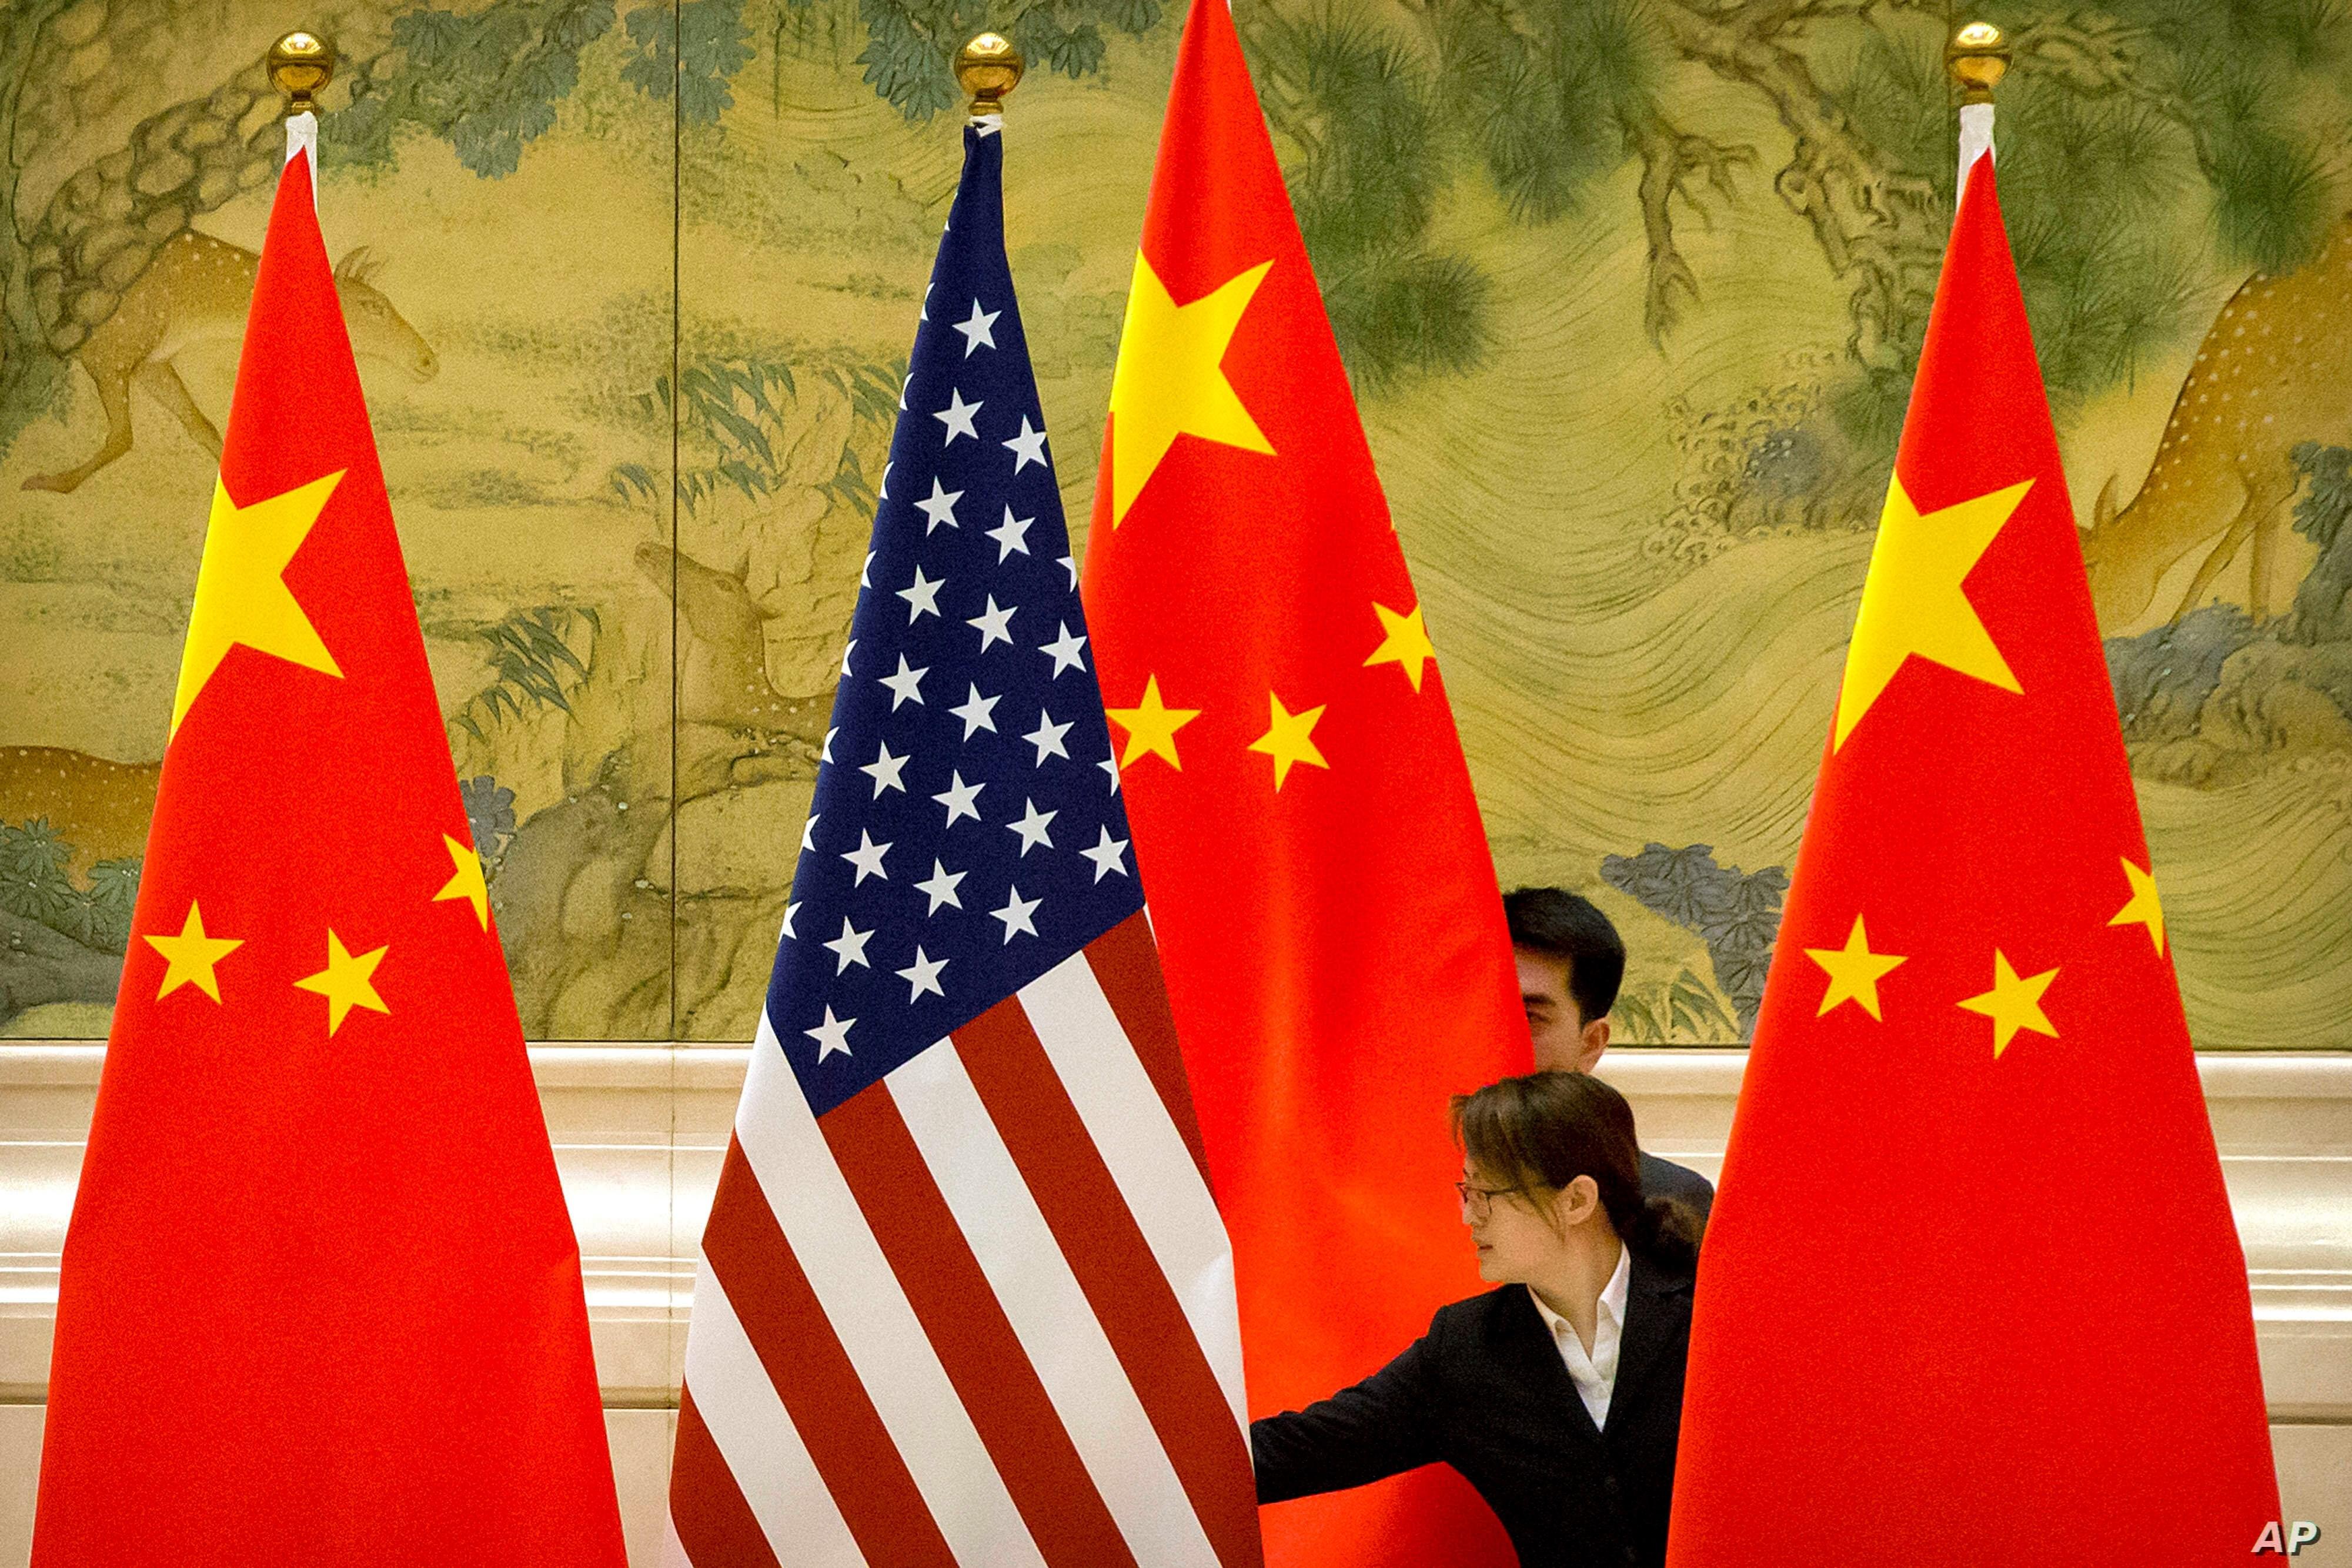 واشنطن بوست: سياسة ترامب تجاه الصين لا تملك استراتيجية باستثناء تعزيز حملة اعادة انتخابه